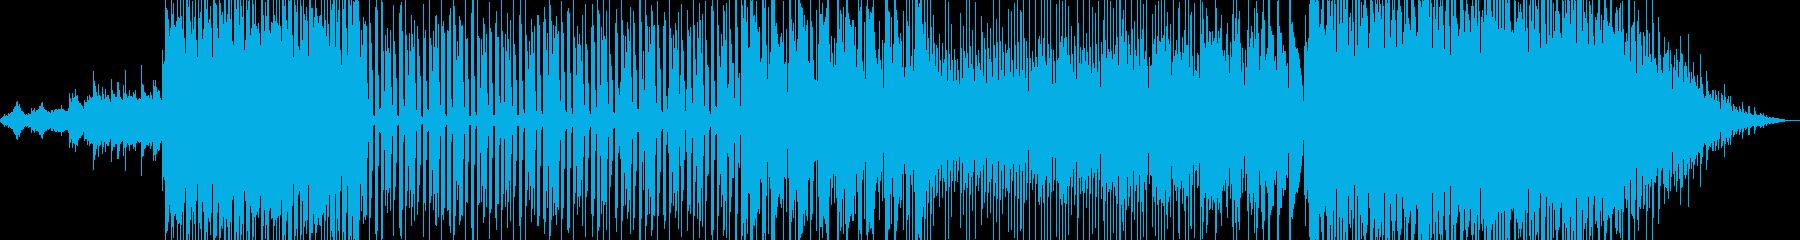 懐かしさを感じさせるポップな楽曲の再生済みの波形